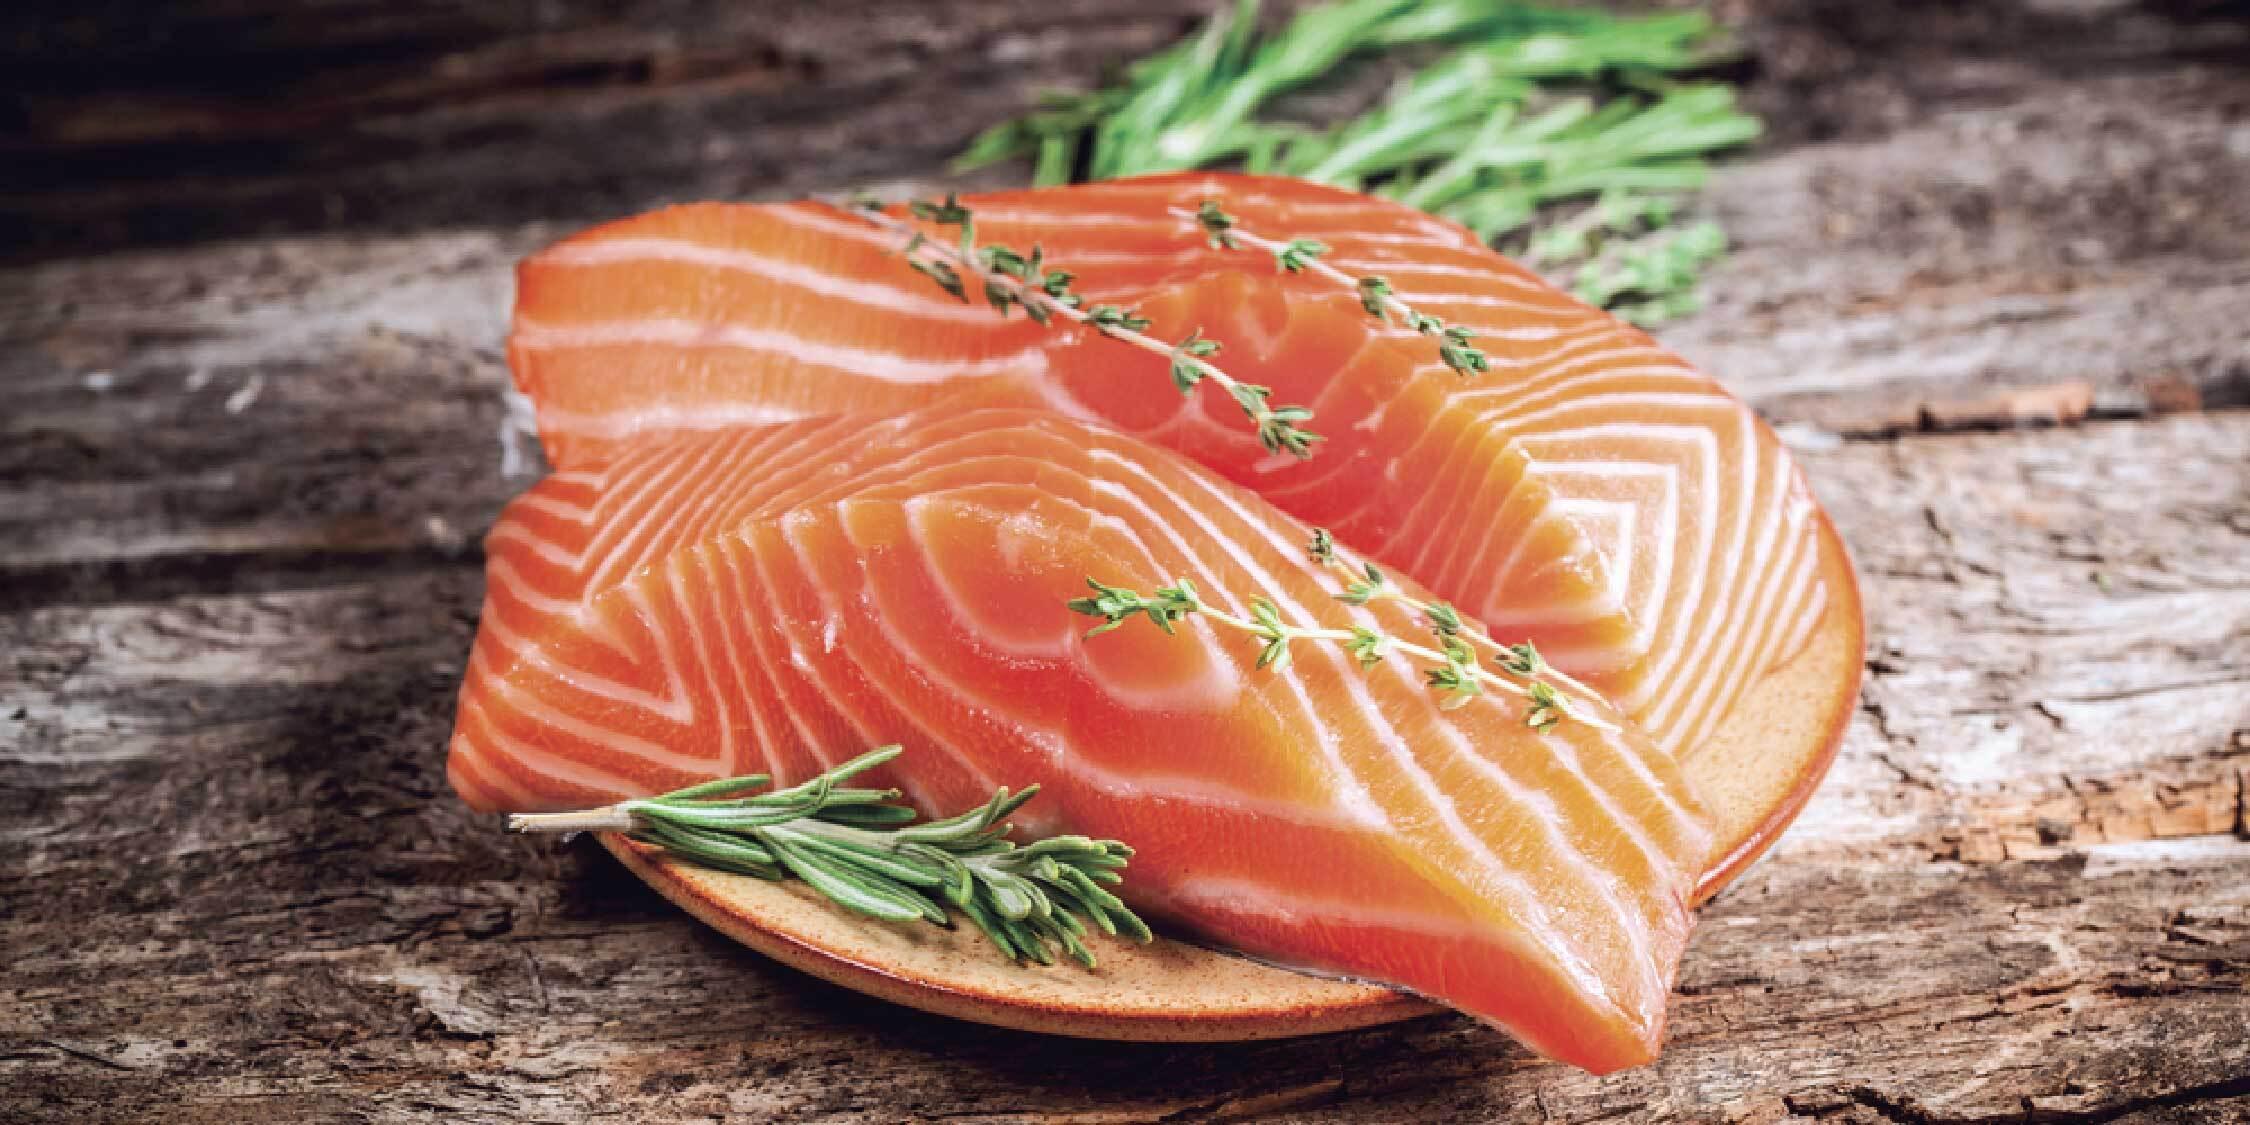 8 Jenis Ikan untuk Ibu Hamil, Bagus untuk Kecerdasan Janin